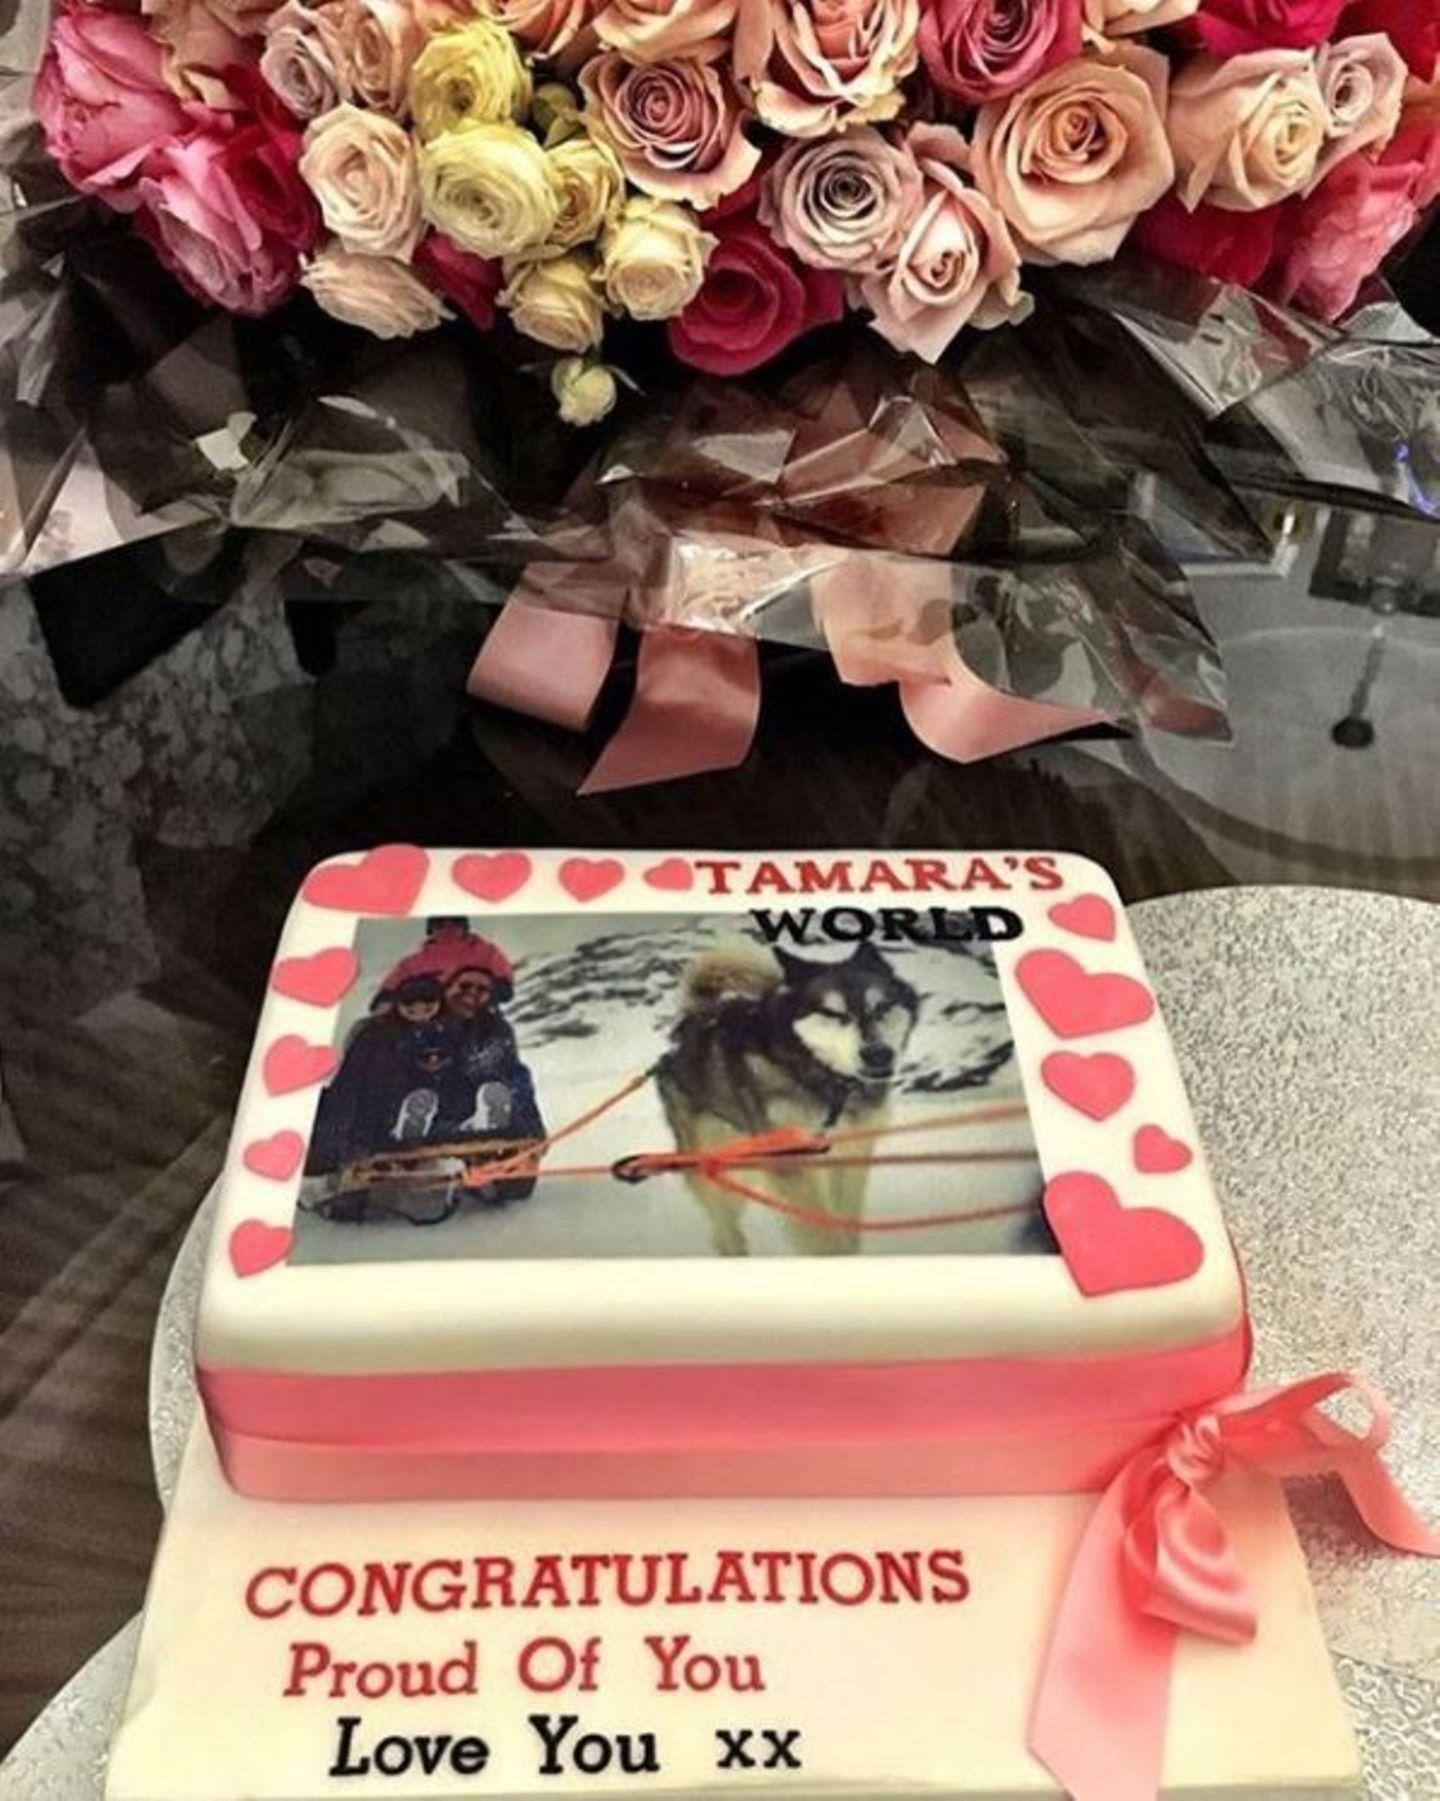 """Tamara Ecclestone freut sich über die Glückwünsche ihrer Familie in Form einer leckeren Torte. """"Tamaras World"""" steht auf der Süßigkeit geschrieben; so heißt die Reality-TV-Serie der Milliardärstochter."""